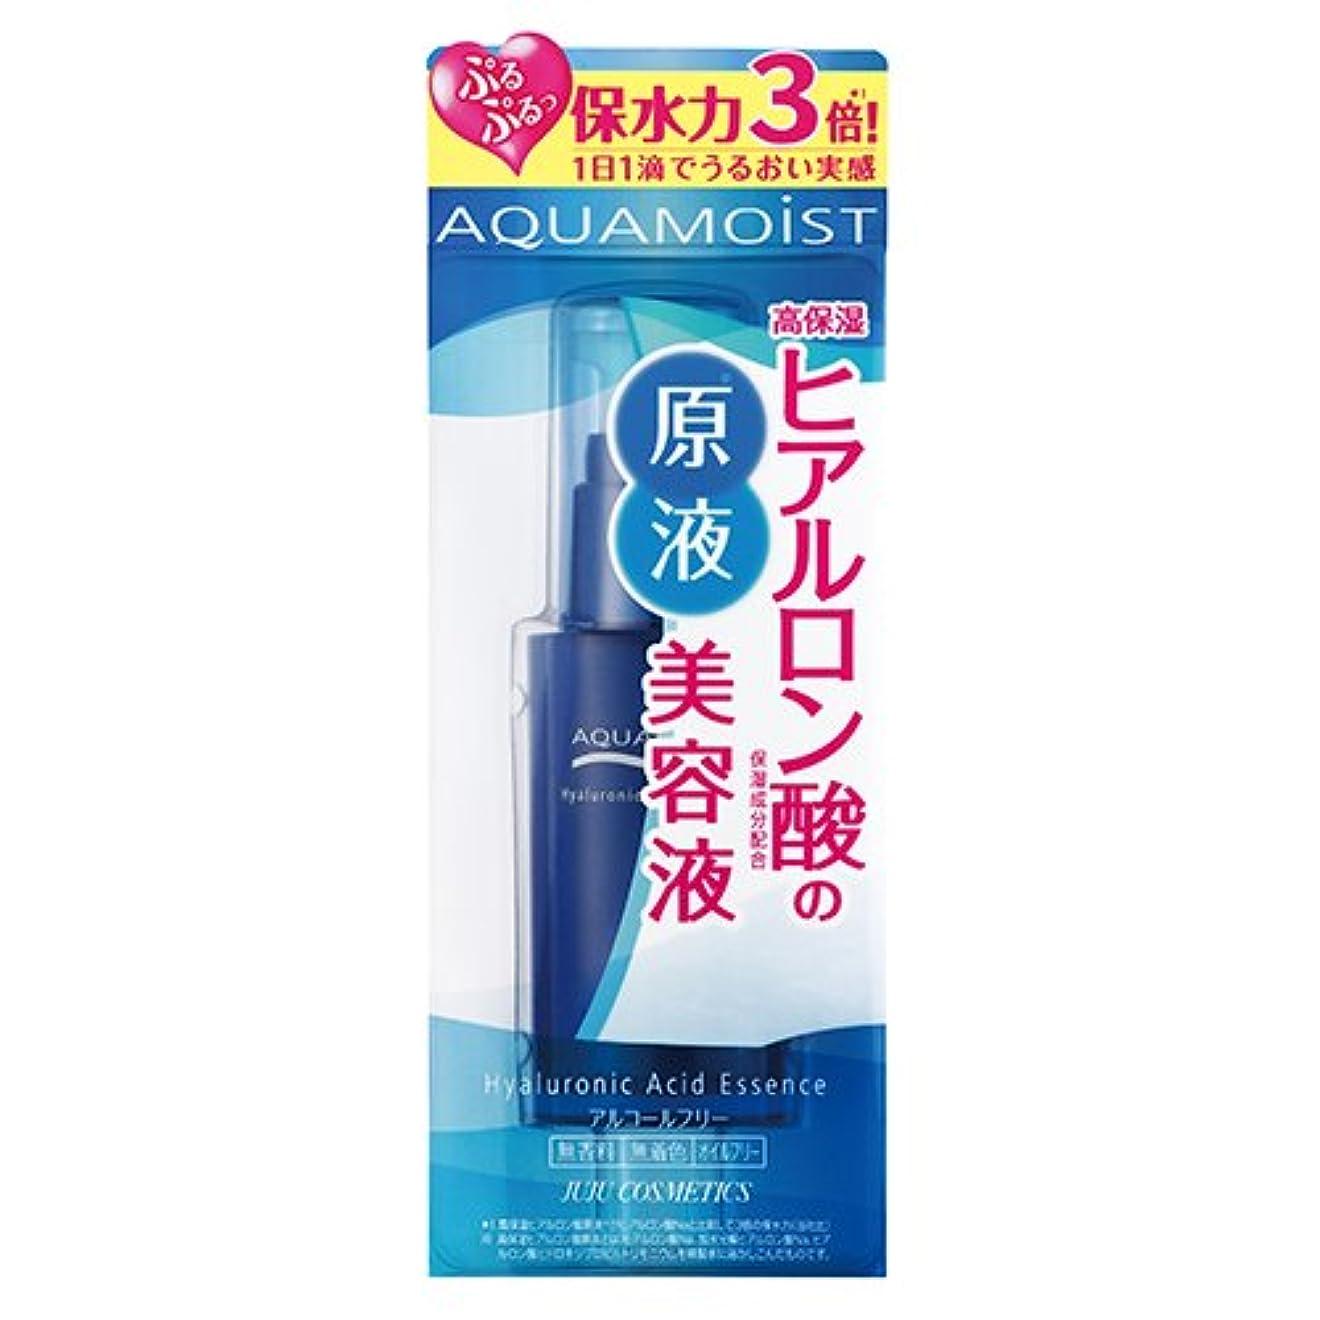 アクアモイスト 保湿美容液 30mL